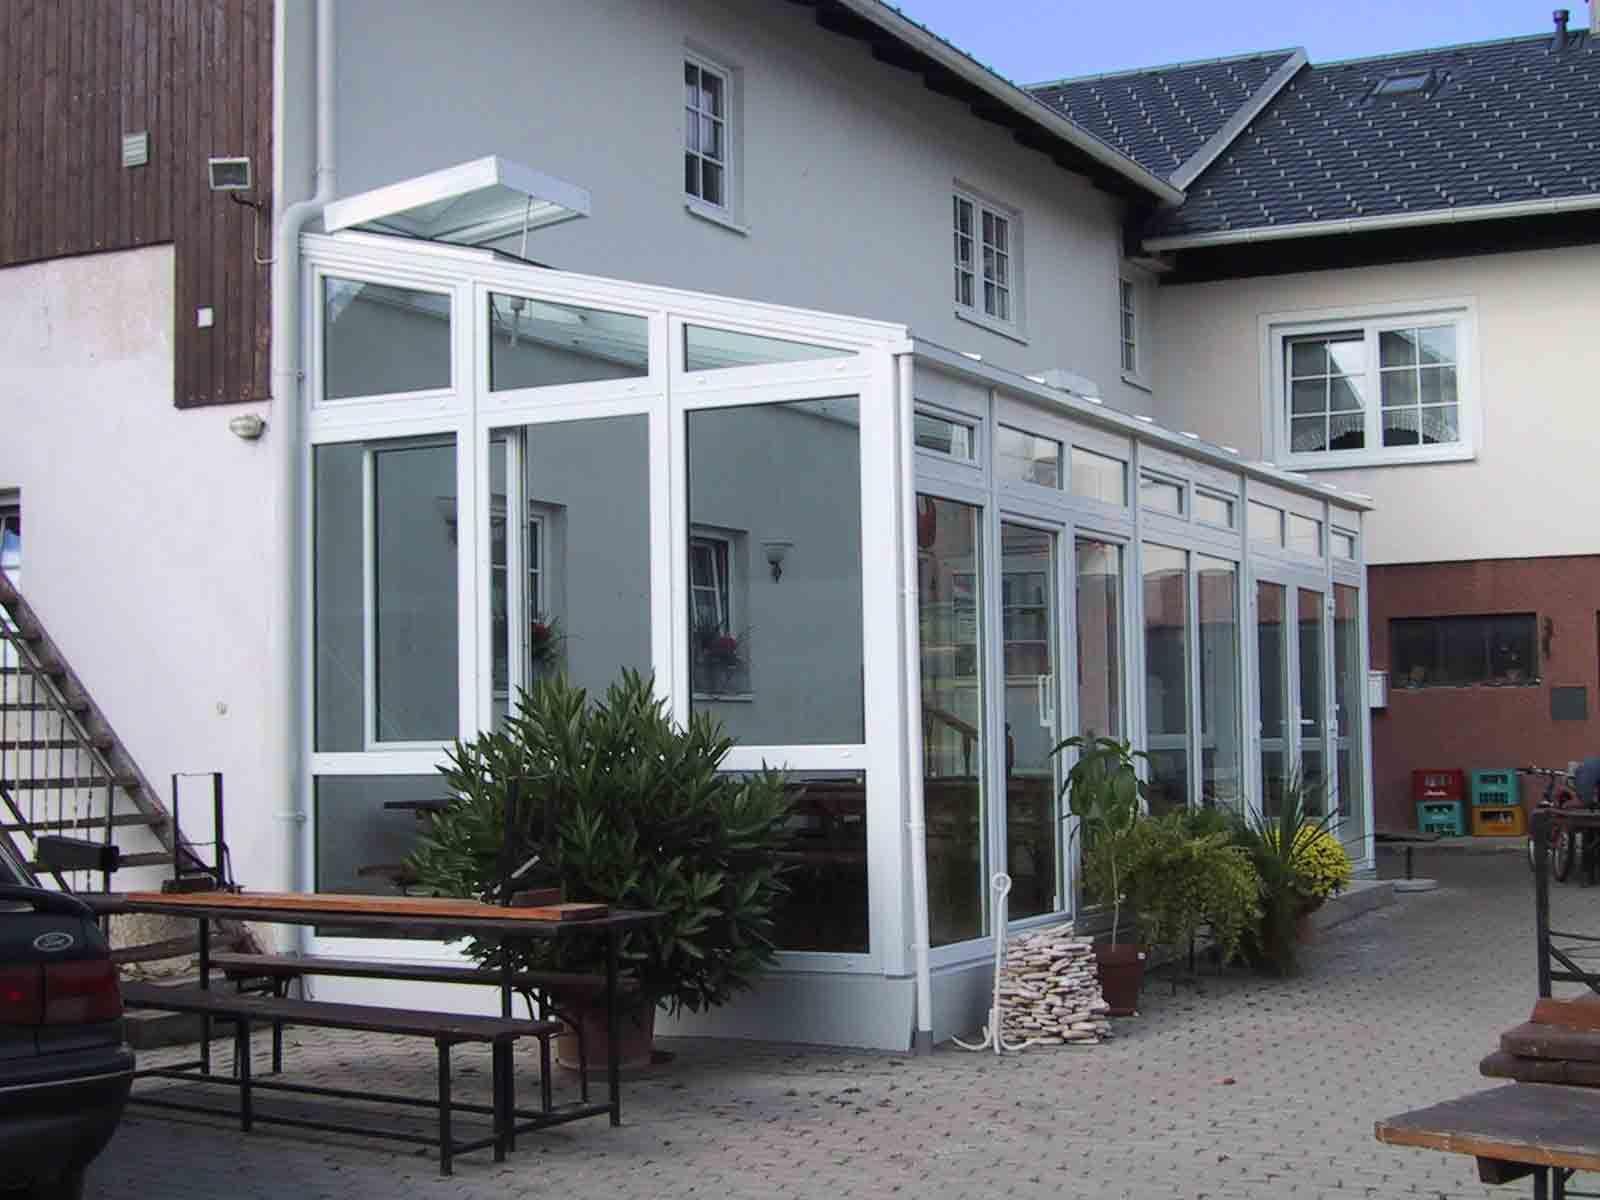 Faltfenster Wintergarten ~ Wintergarten mit faltfenster und milchglas brüstung brüstung